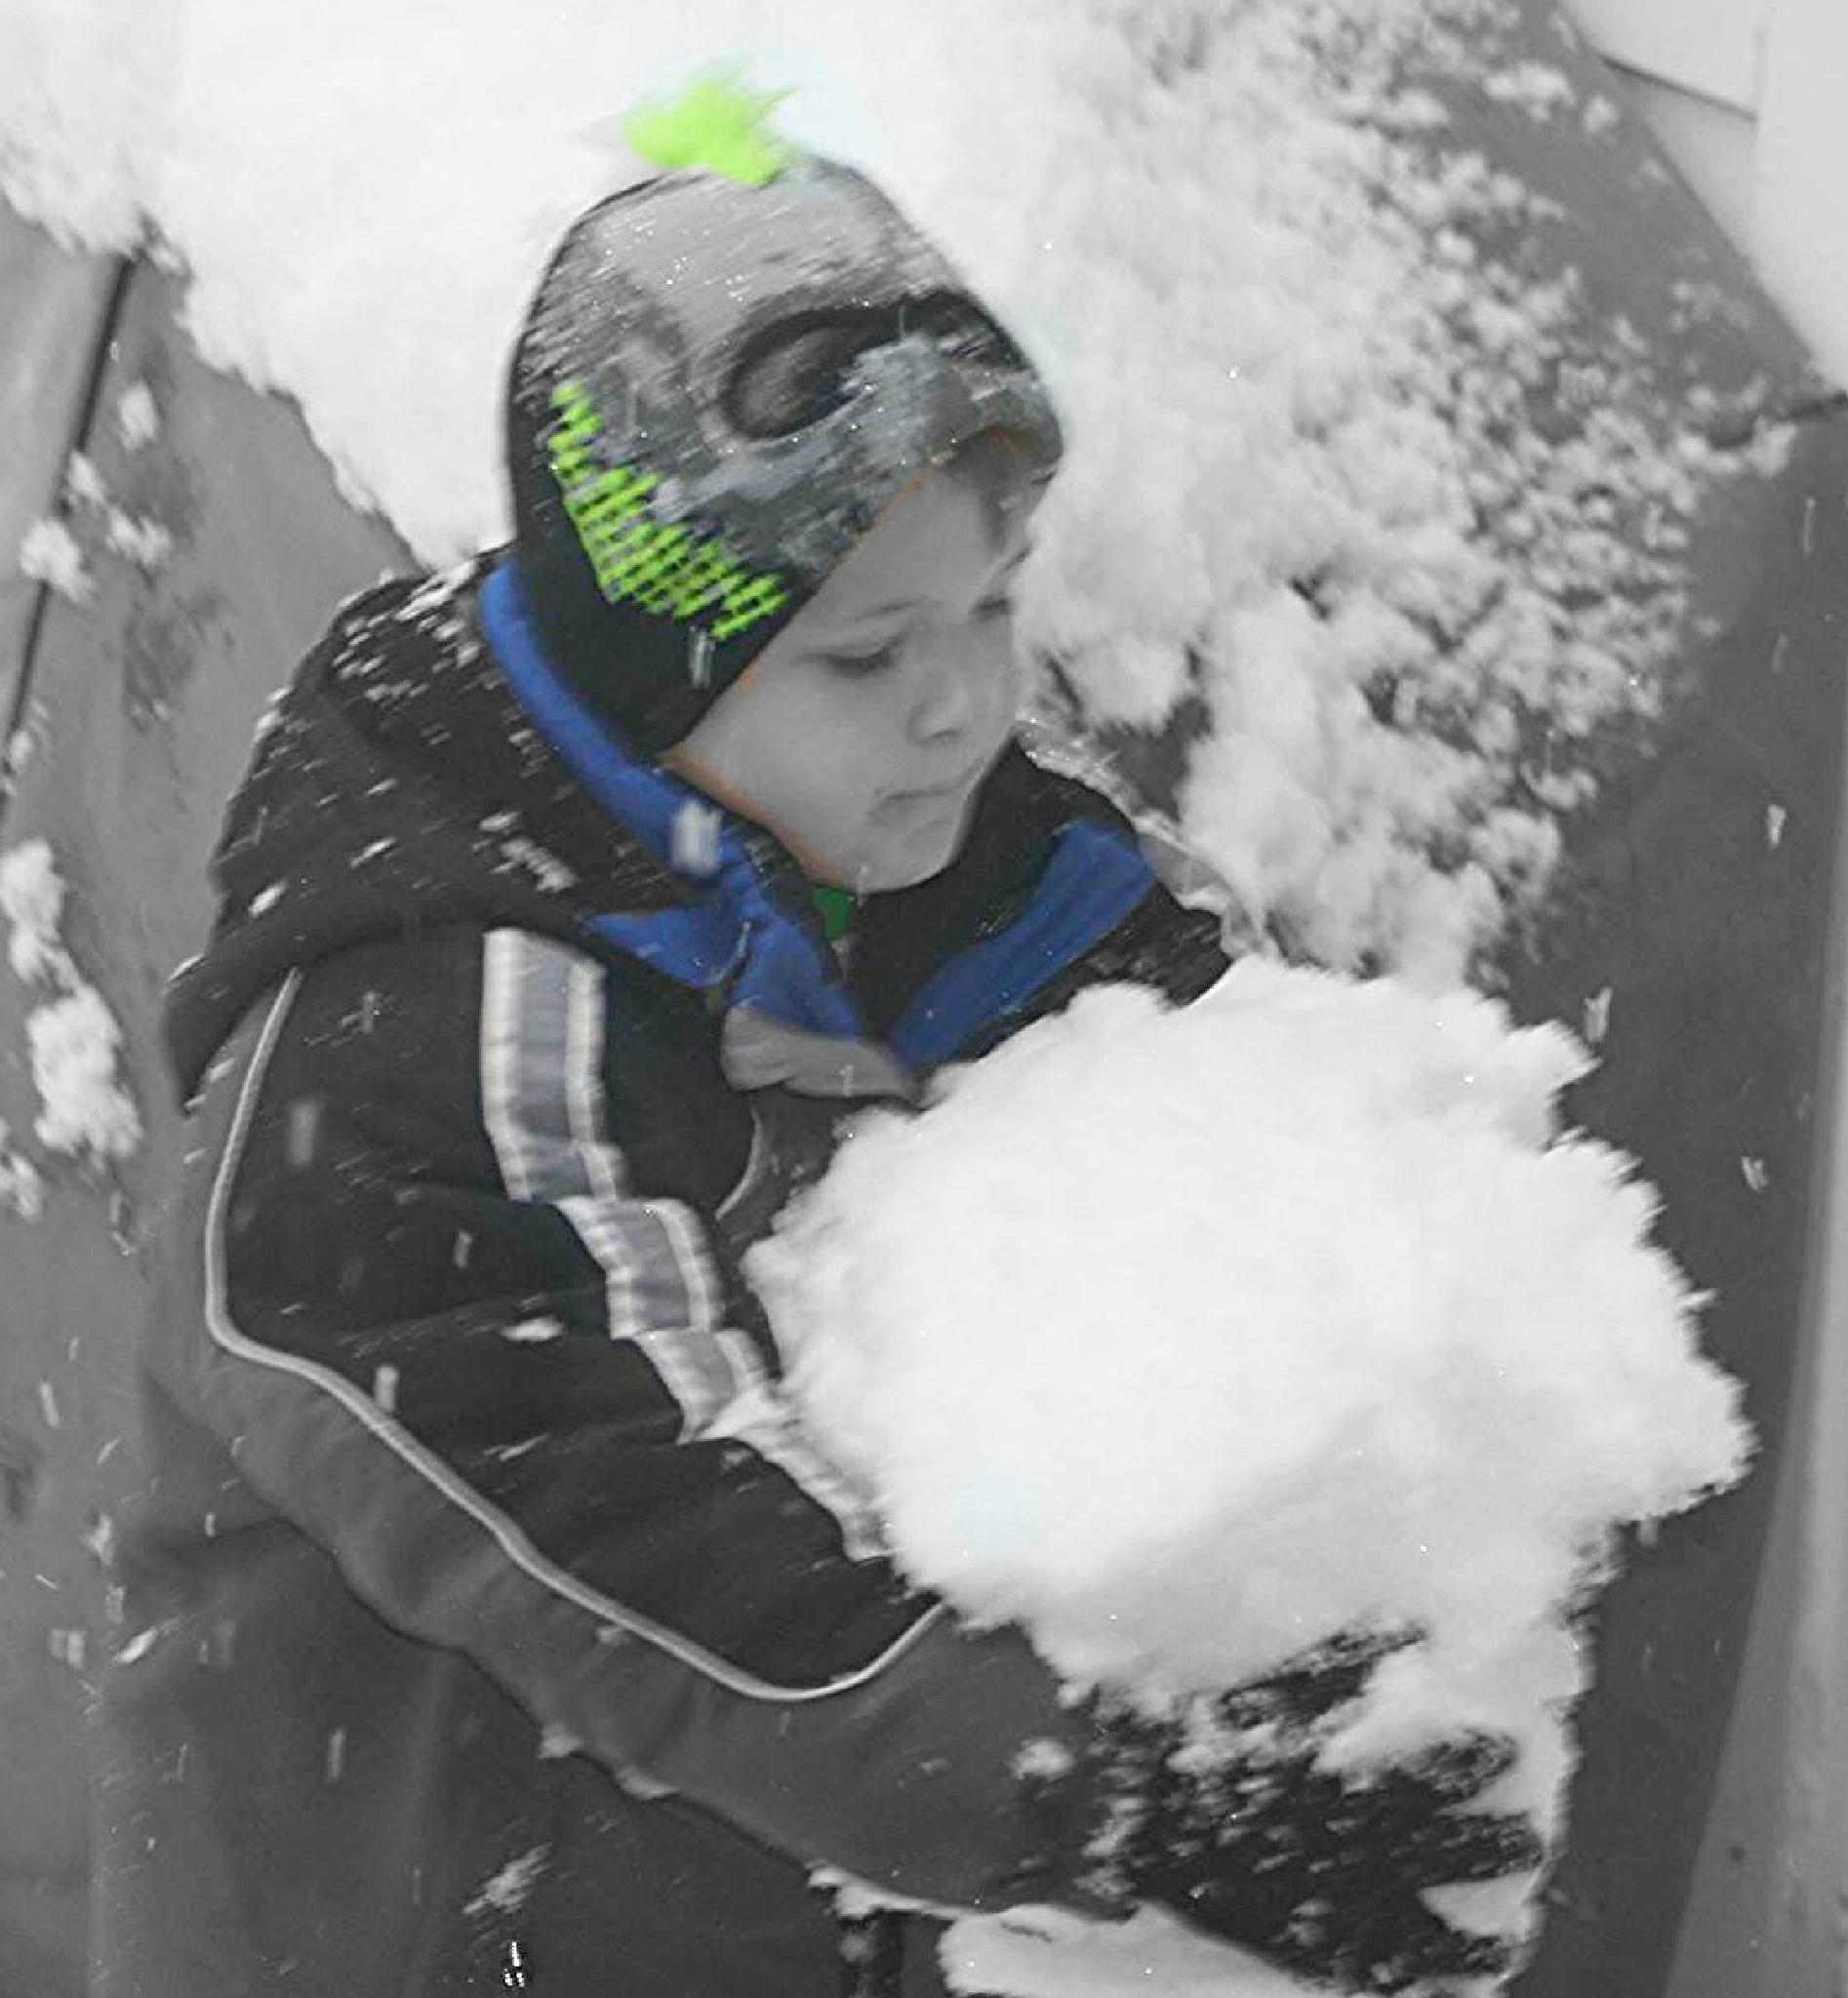 Snow by joann.kunkle